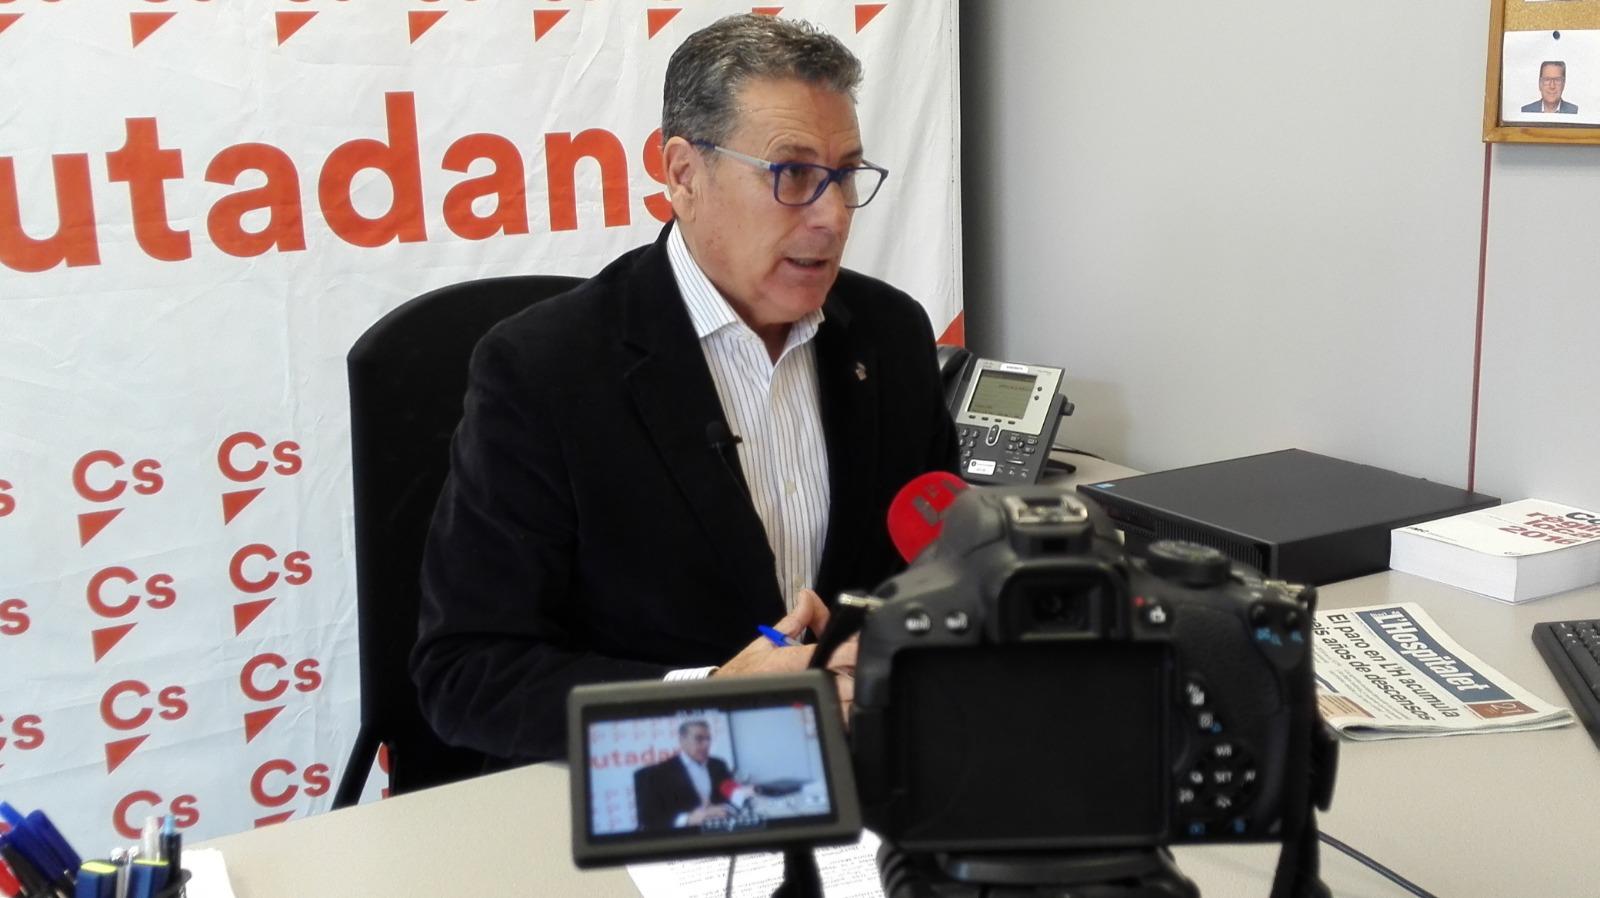 El portavoz de Cs en l'Hospitalet, Miguel García, atiende a los medios de comunicación locales